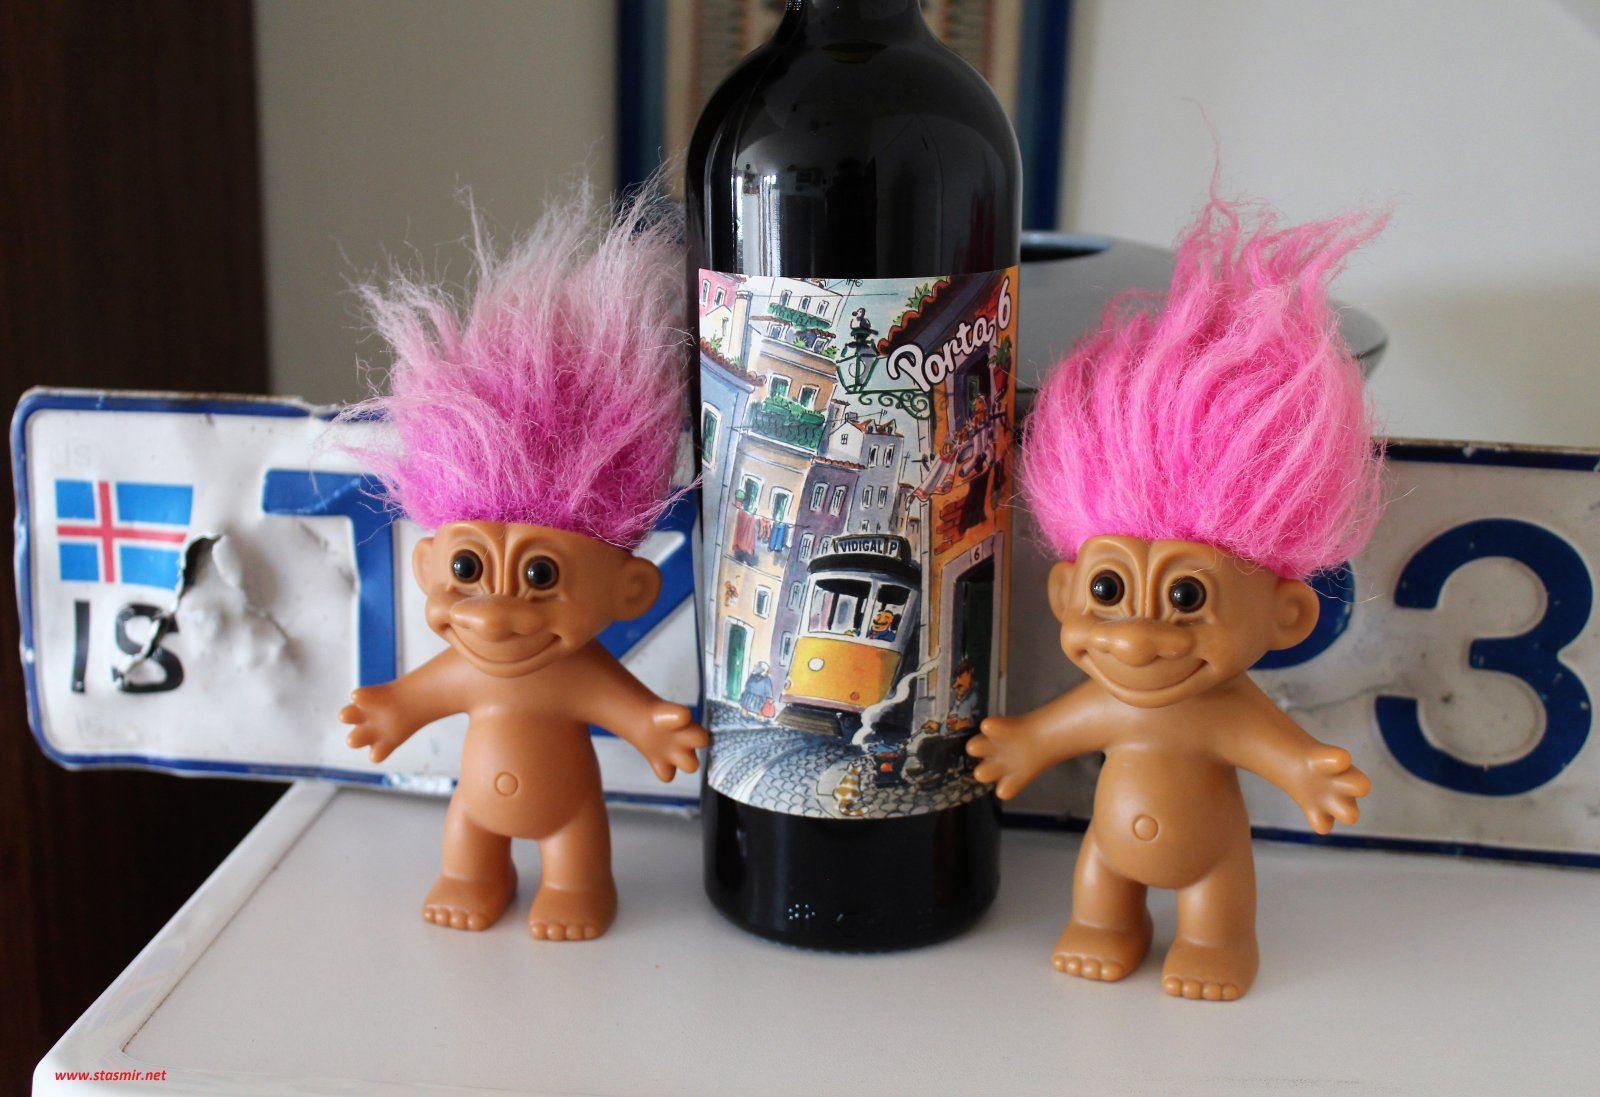 Португальское вино, норвежские троли, исландский номерной знак. Фото Стасмир, photo Stasmir